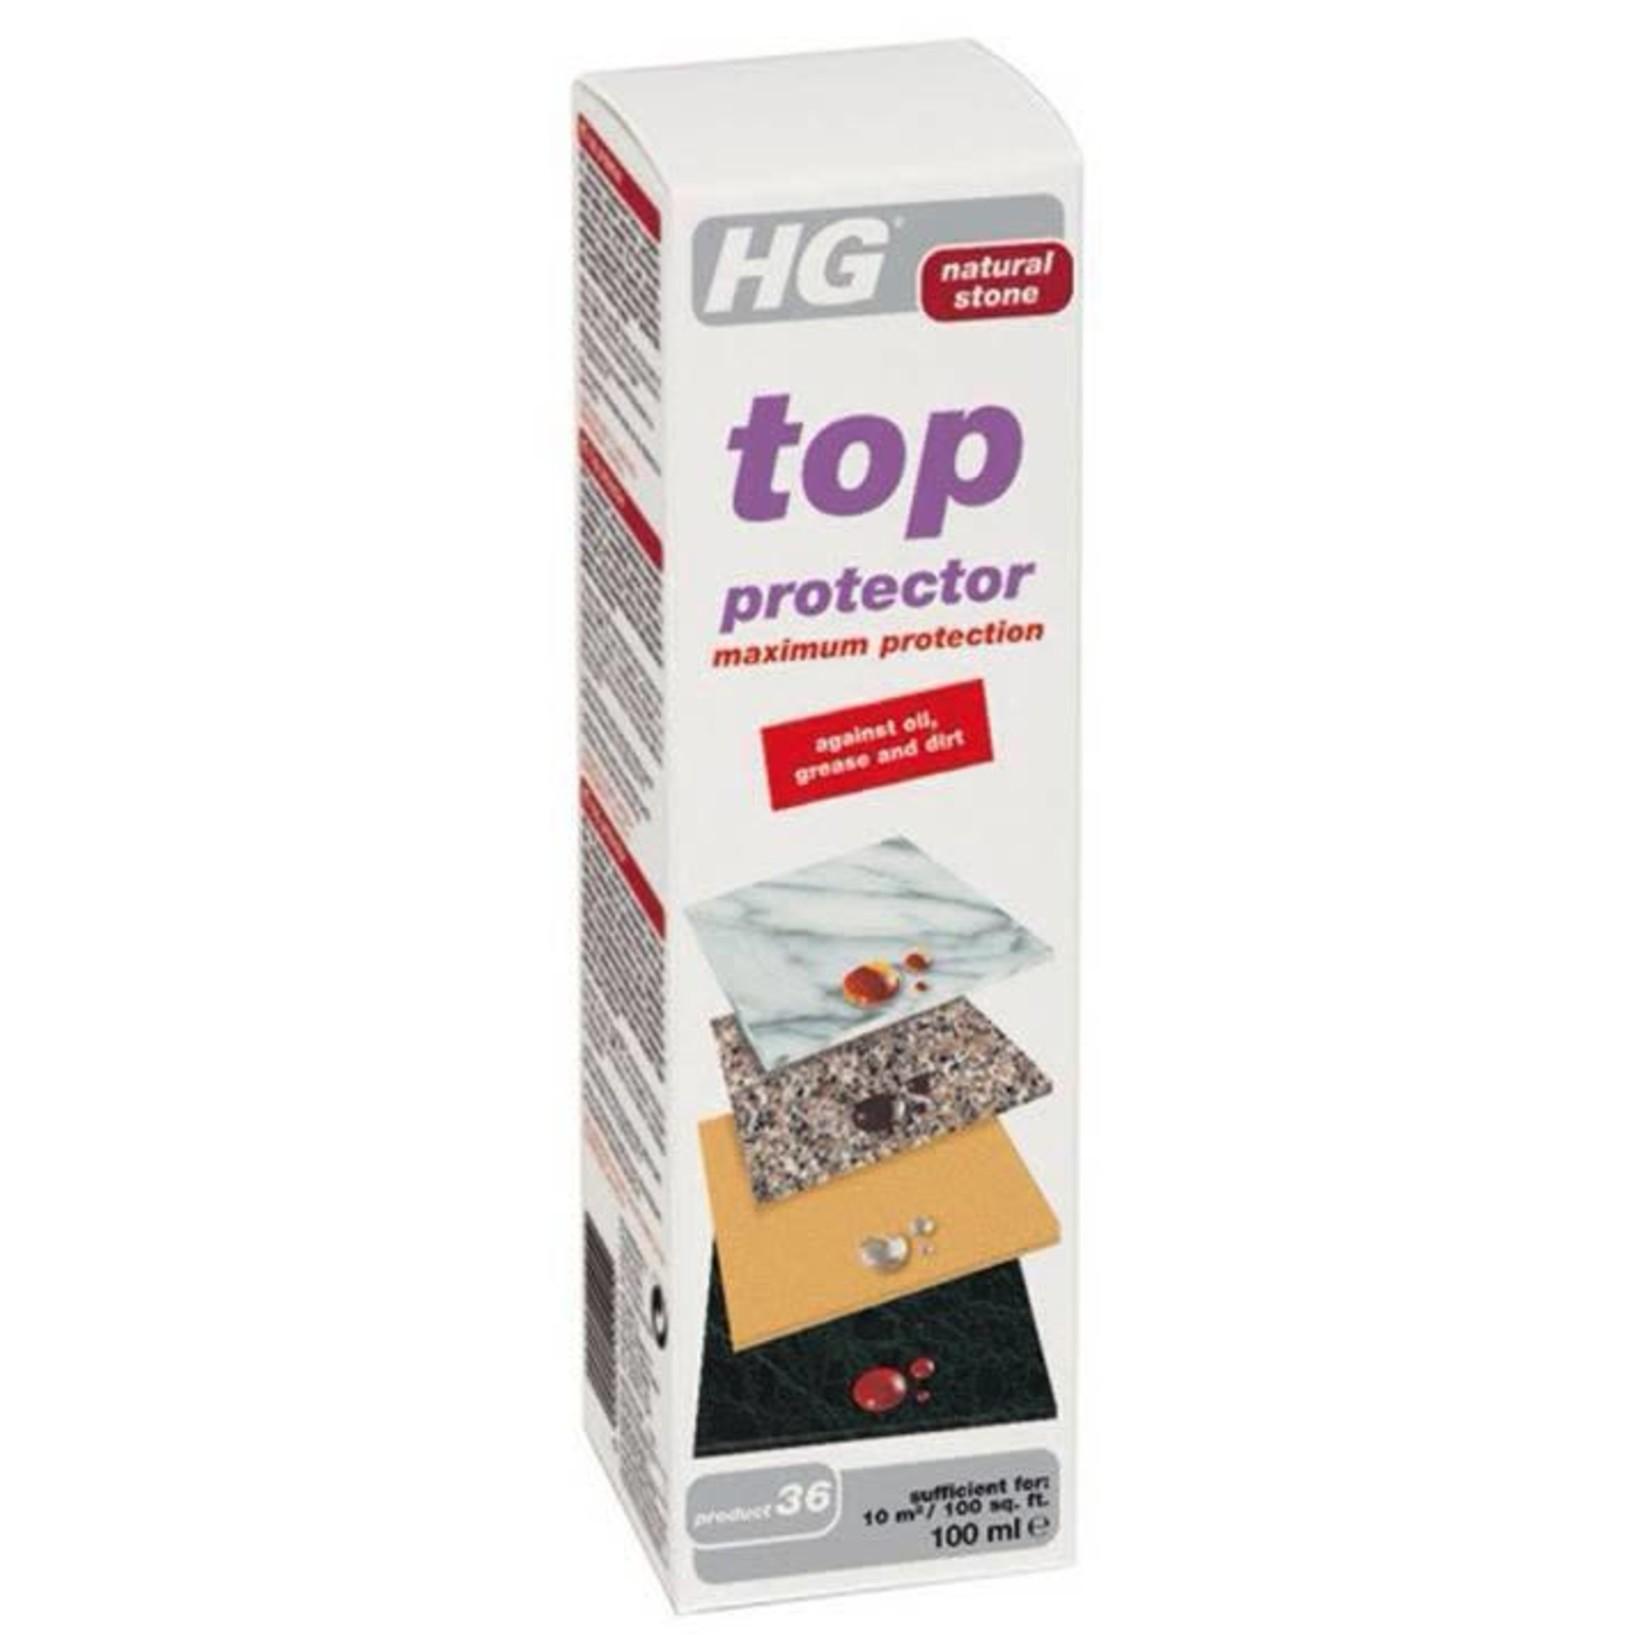 HG HG TOP PROTECTOR NATURAL STONE P.36